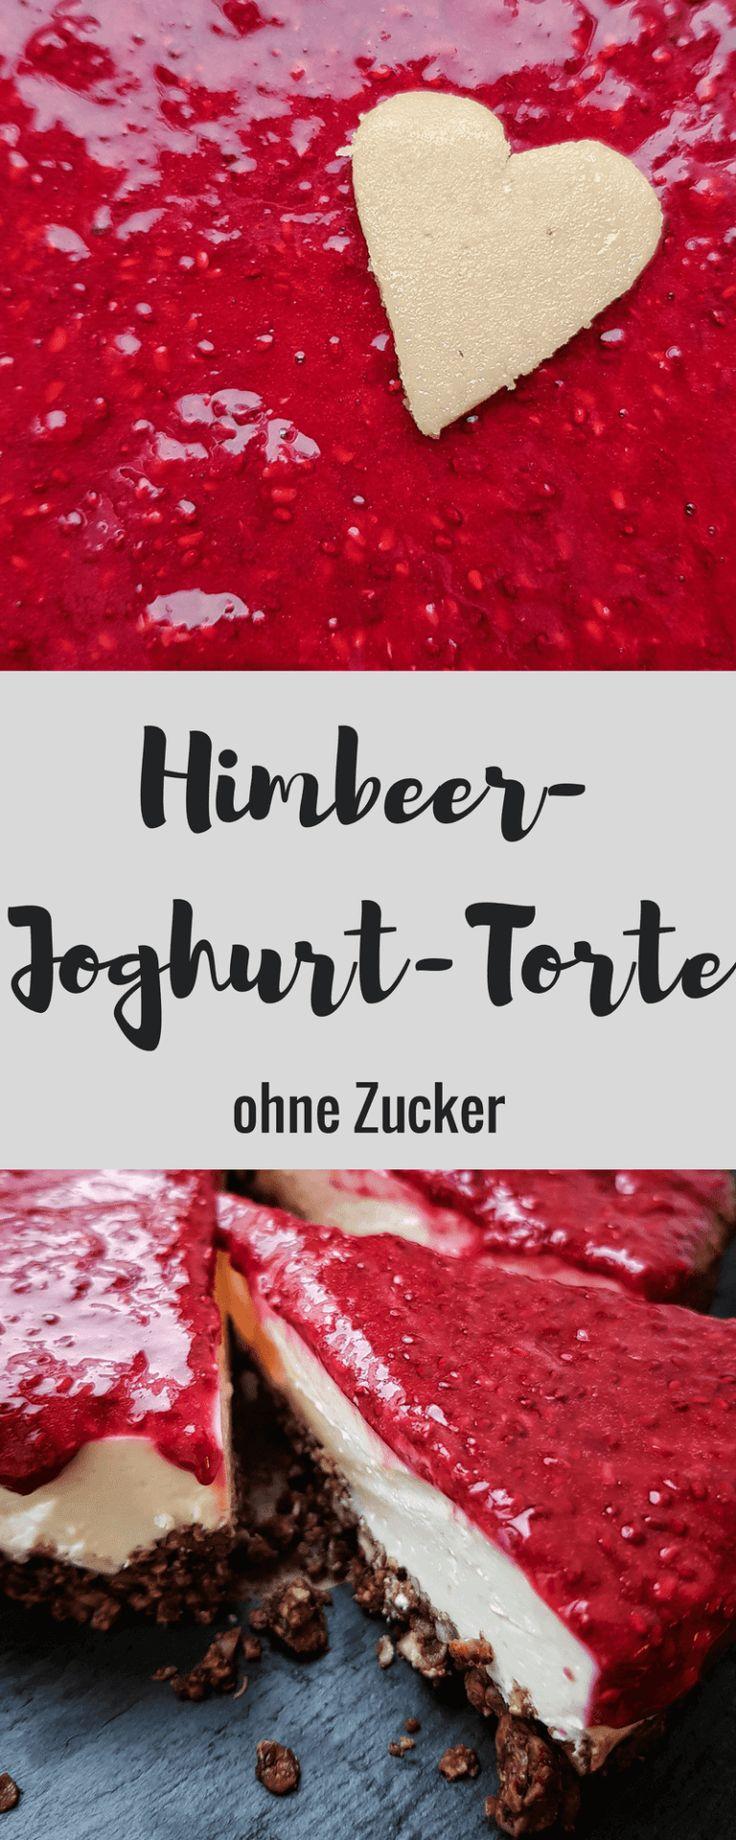 Himbeer-Joghurt-Torte ohne Zucker – nur mit Himbeer und Vanille gesüßt